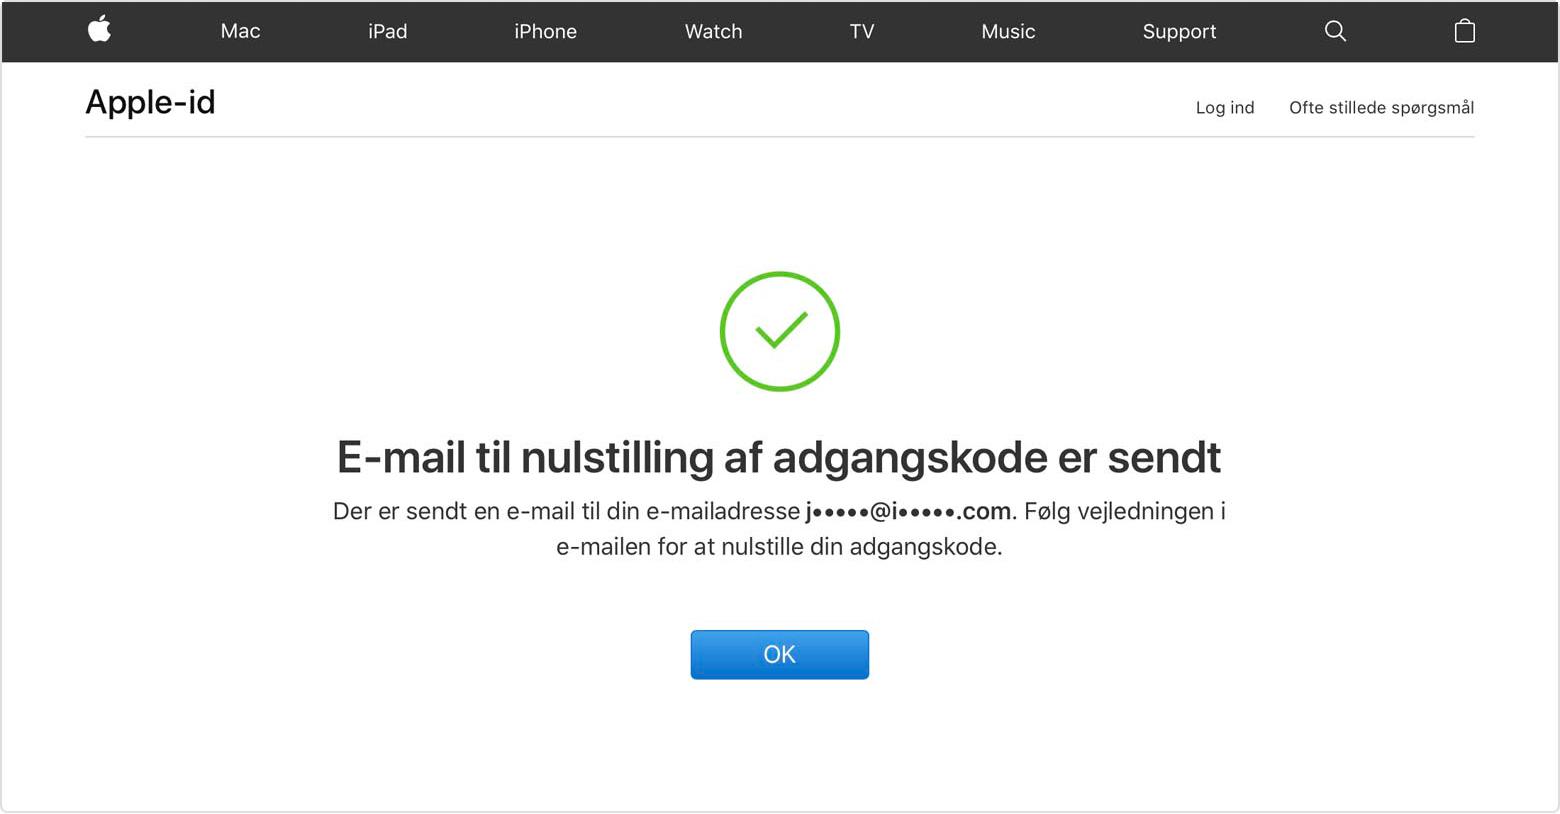 mit apple id virker ikke